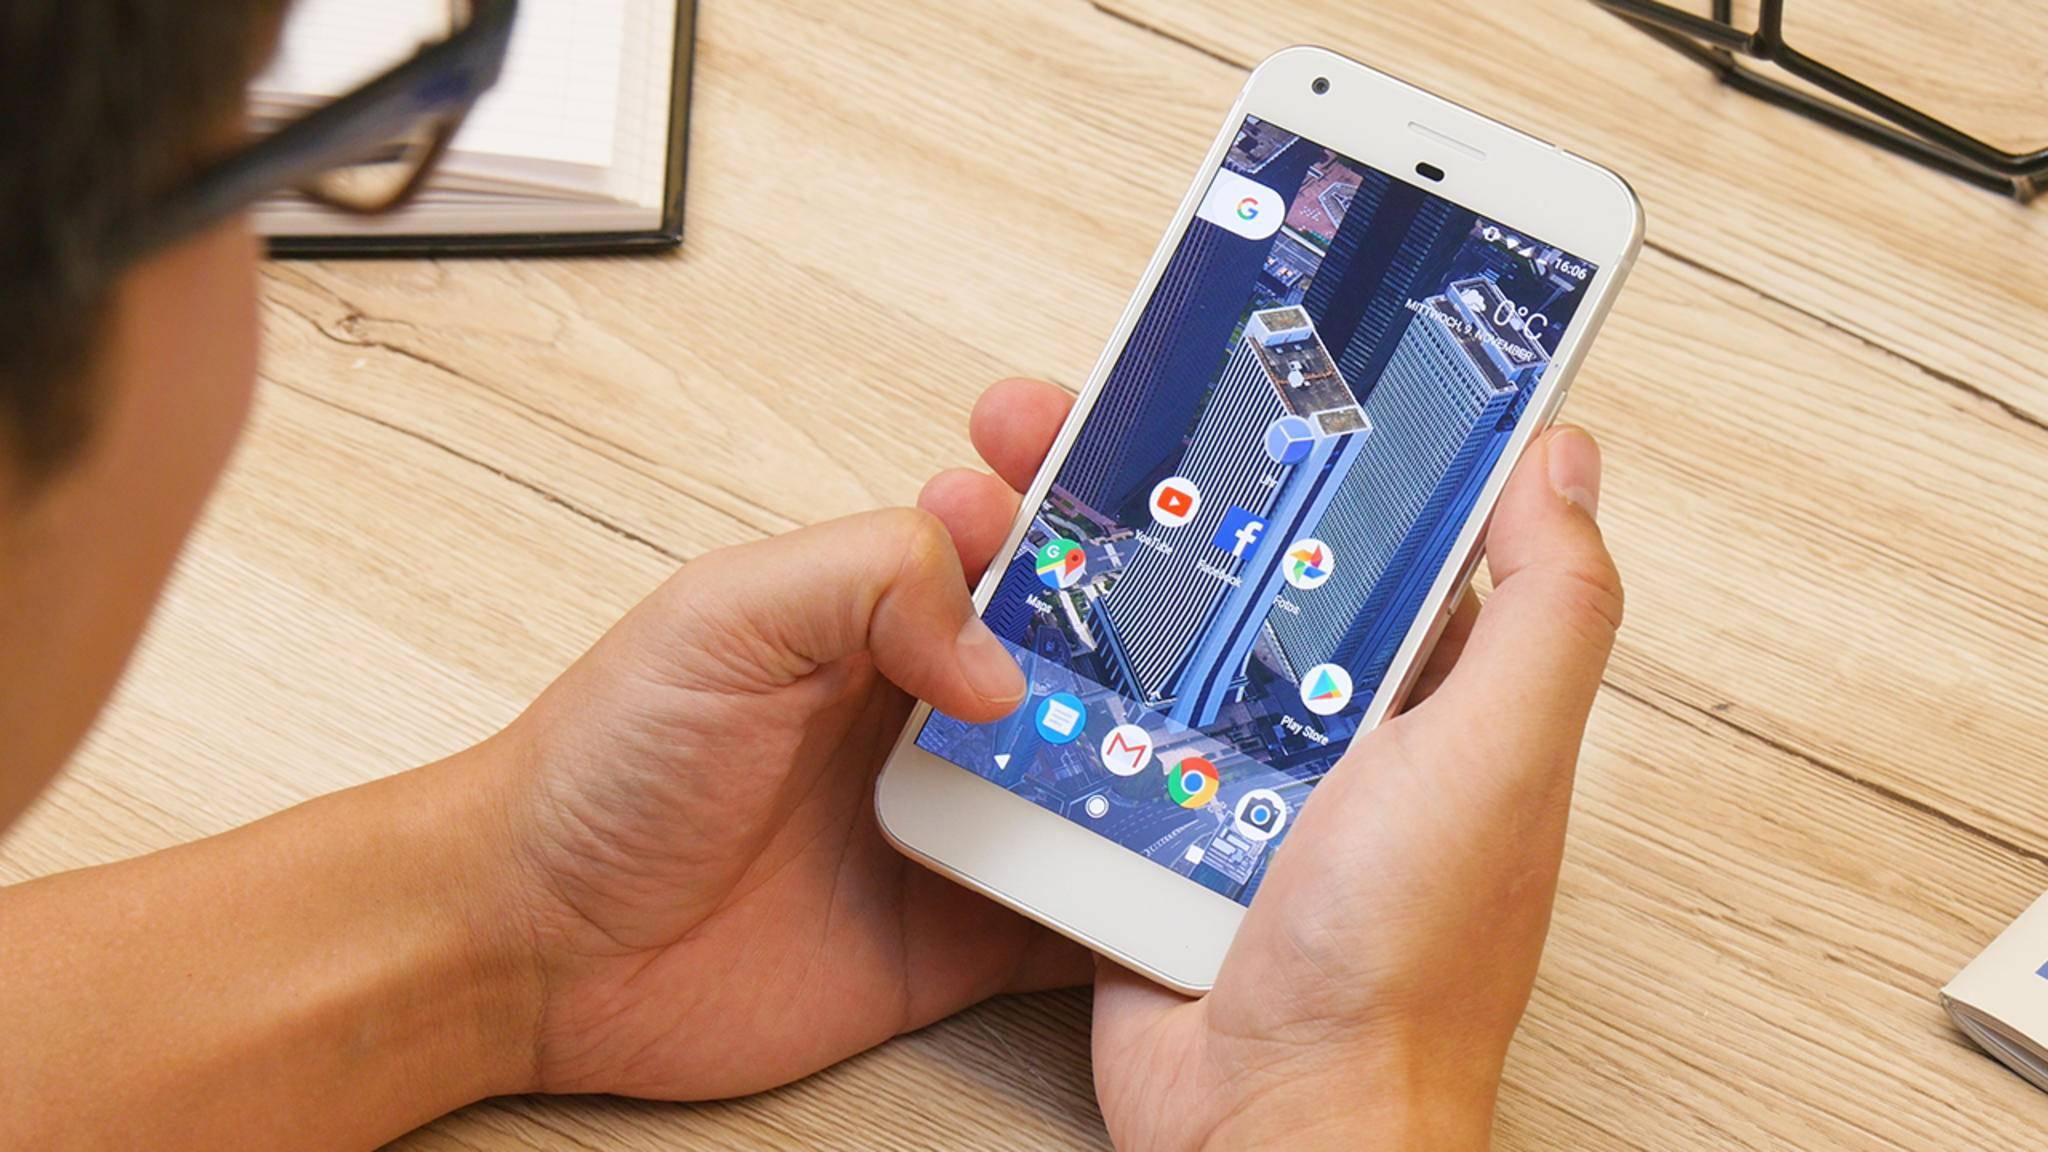 Das nächste Google Pixel-Smartphone begnügt sich angeblich mit 4 GB Arbeitsspeicher.